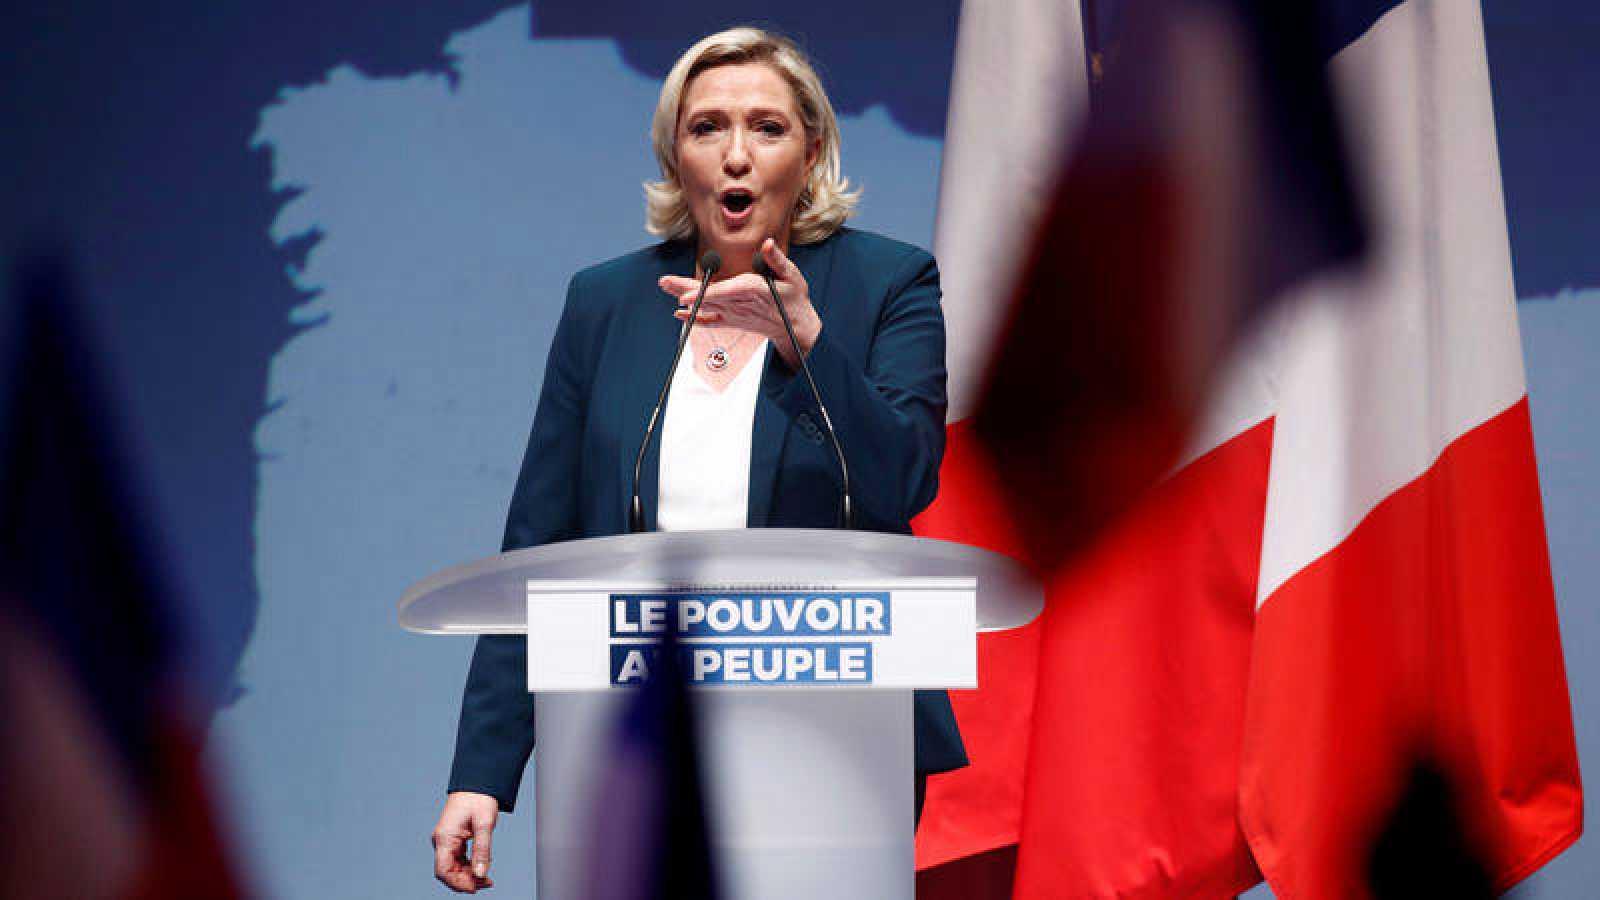 La líder del partido de extrema derecha Agrupación Nacional, Marine Le Pen.